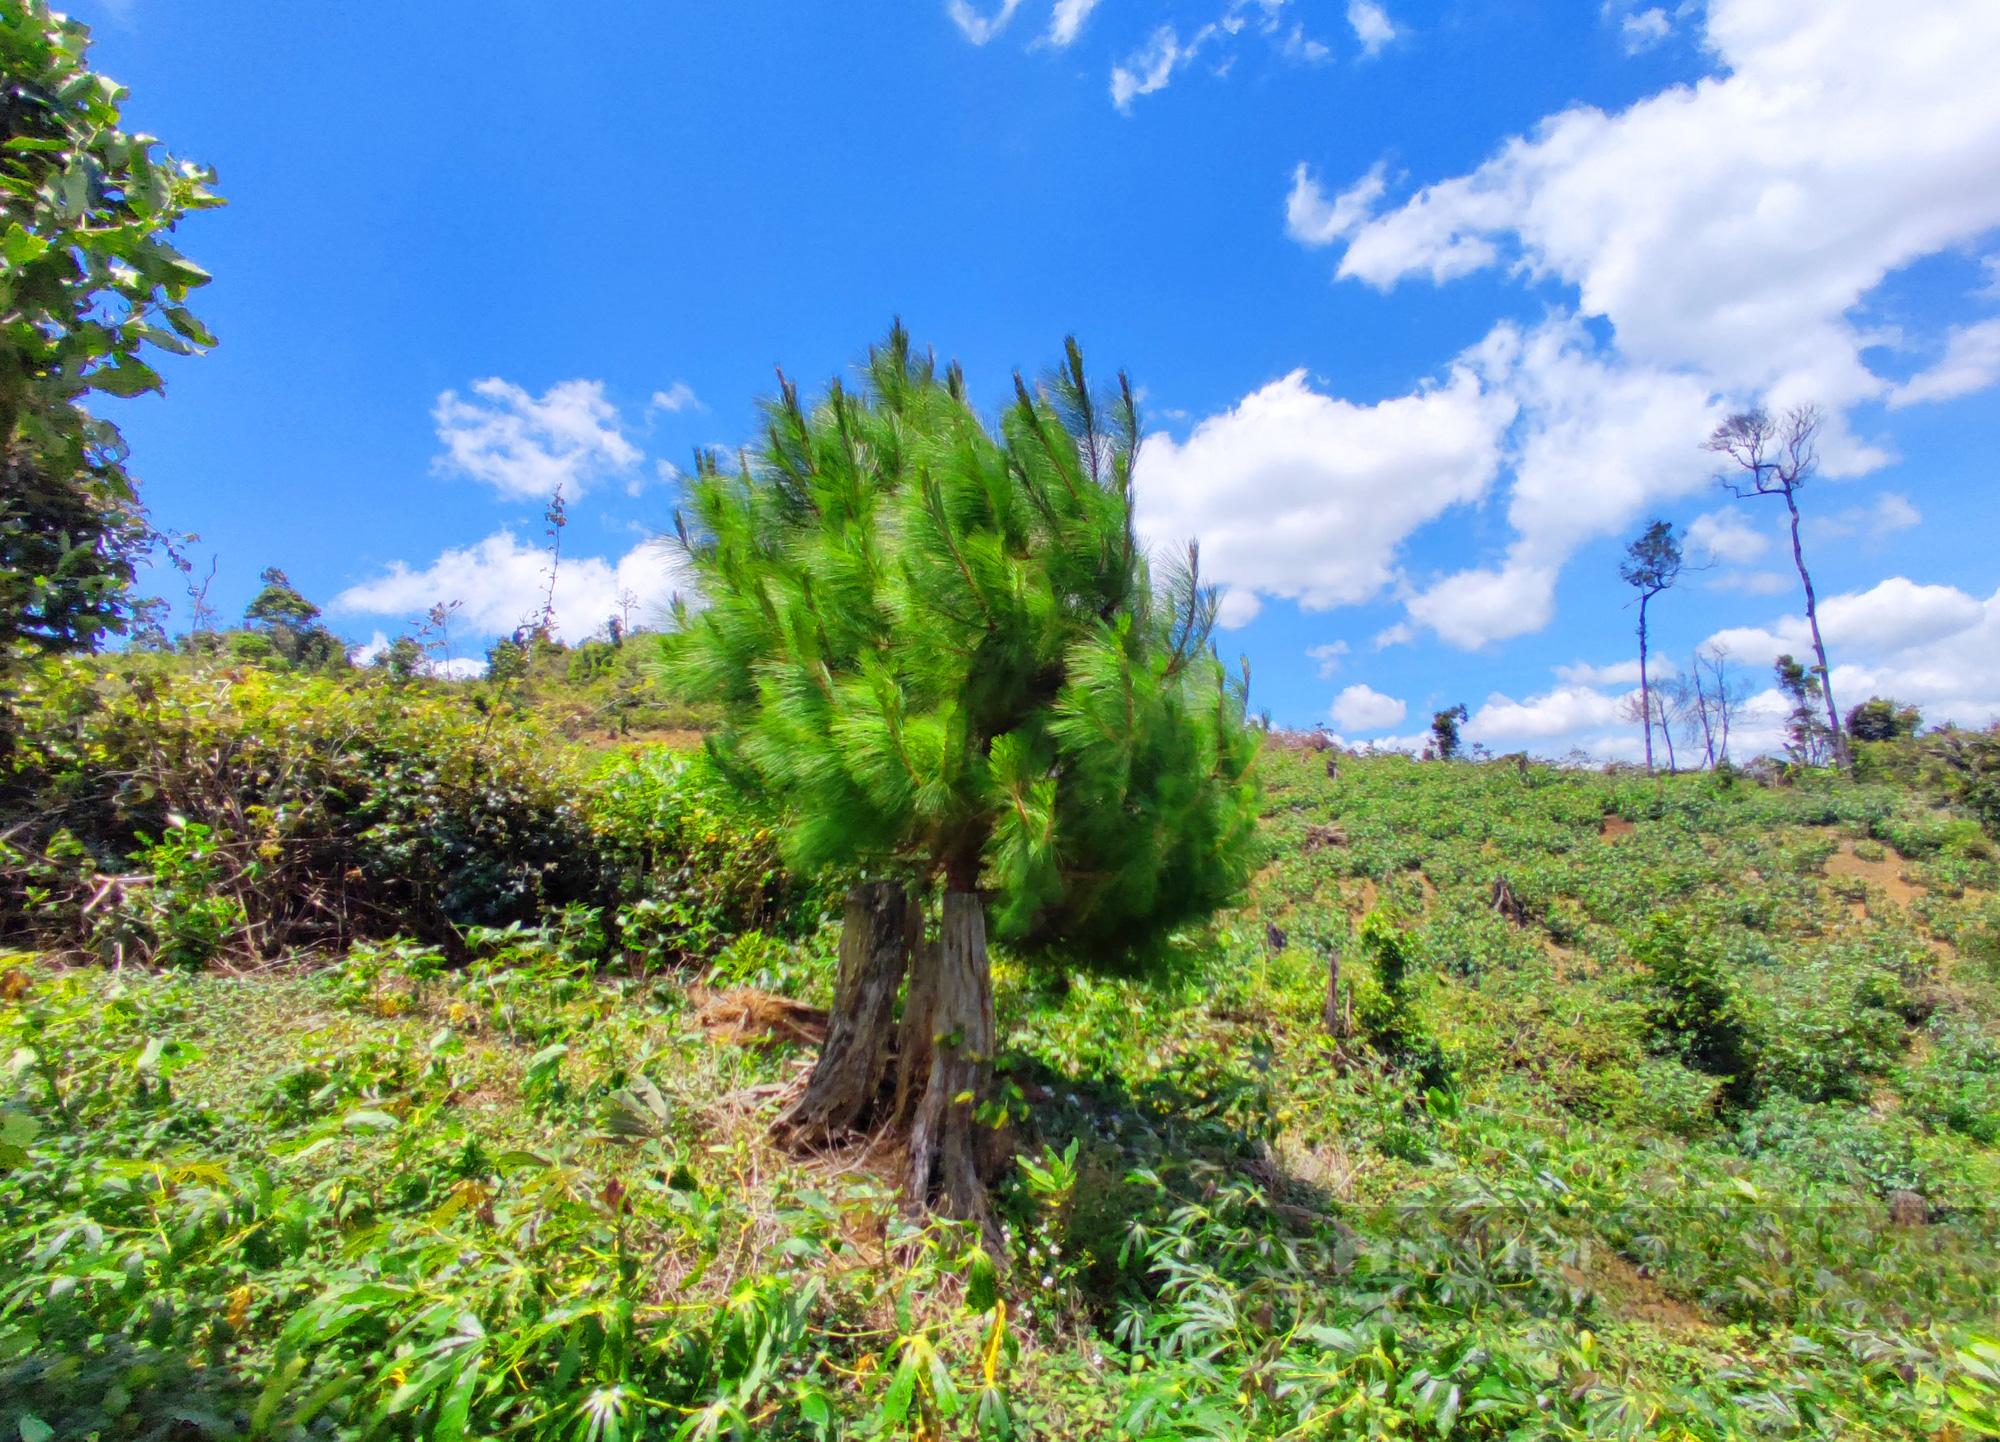 """Vụ trồng hơn 100 ha rừng chỉ còn 1 cây: Tiền dịch vụ môi trường rừng coi như """"ném xuống sông"""""""